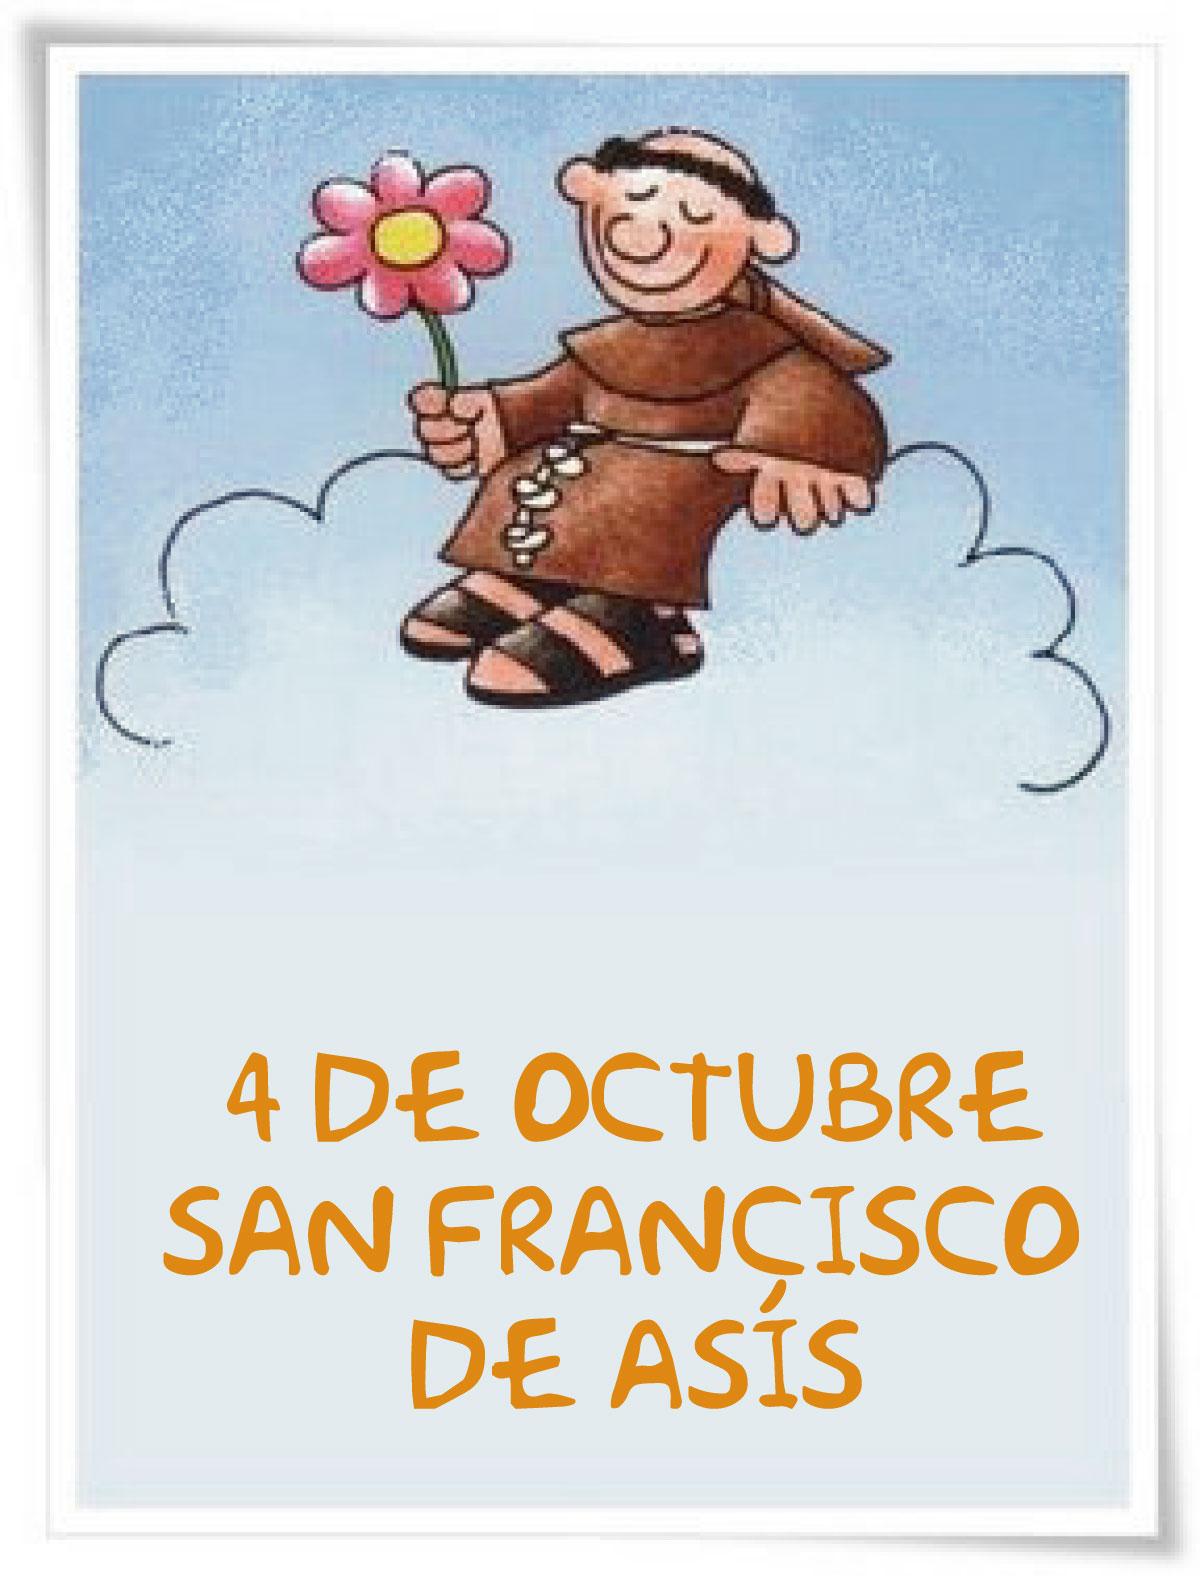 San Francisco de Asís Biografía, Frases, Oracion, Quien